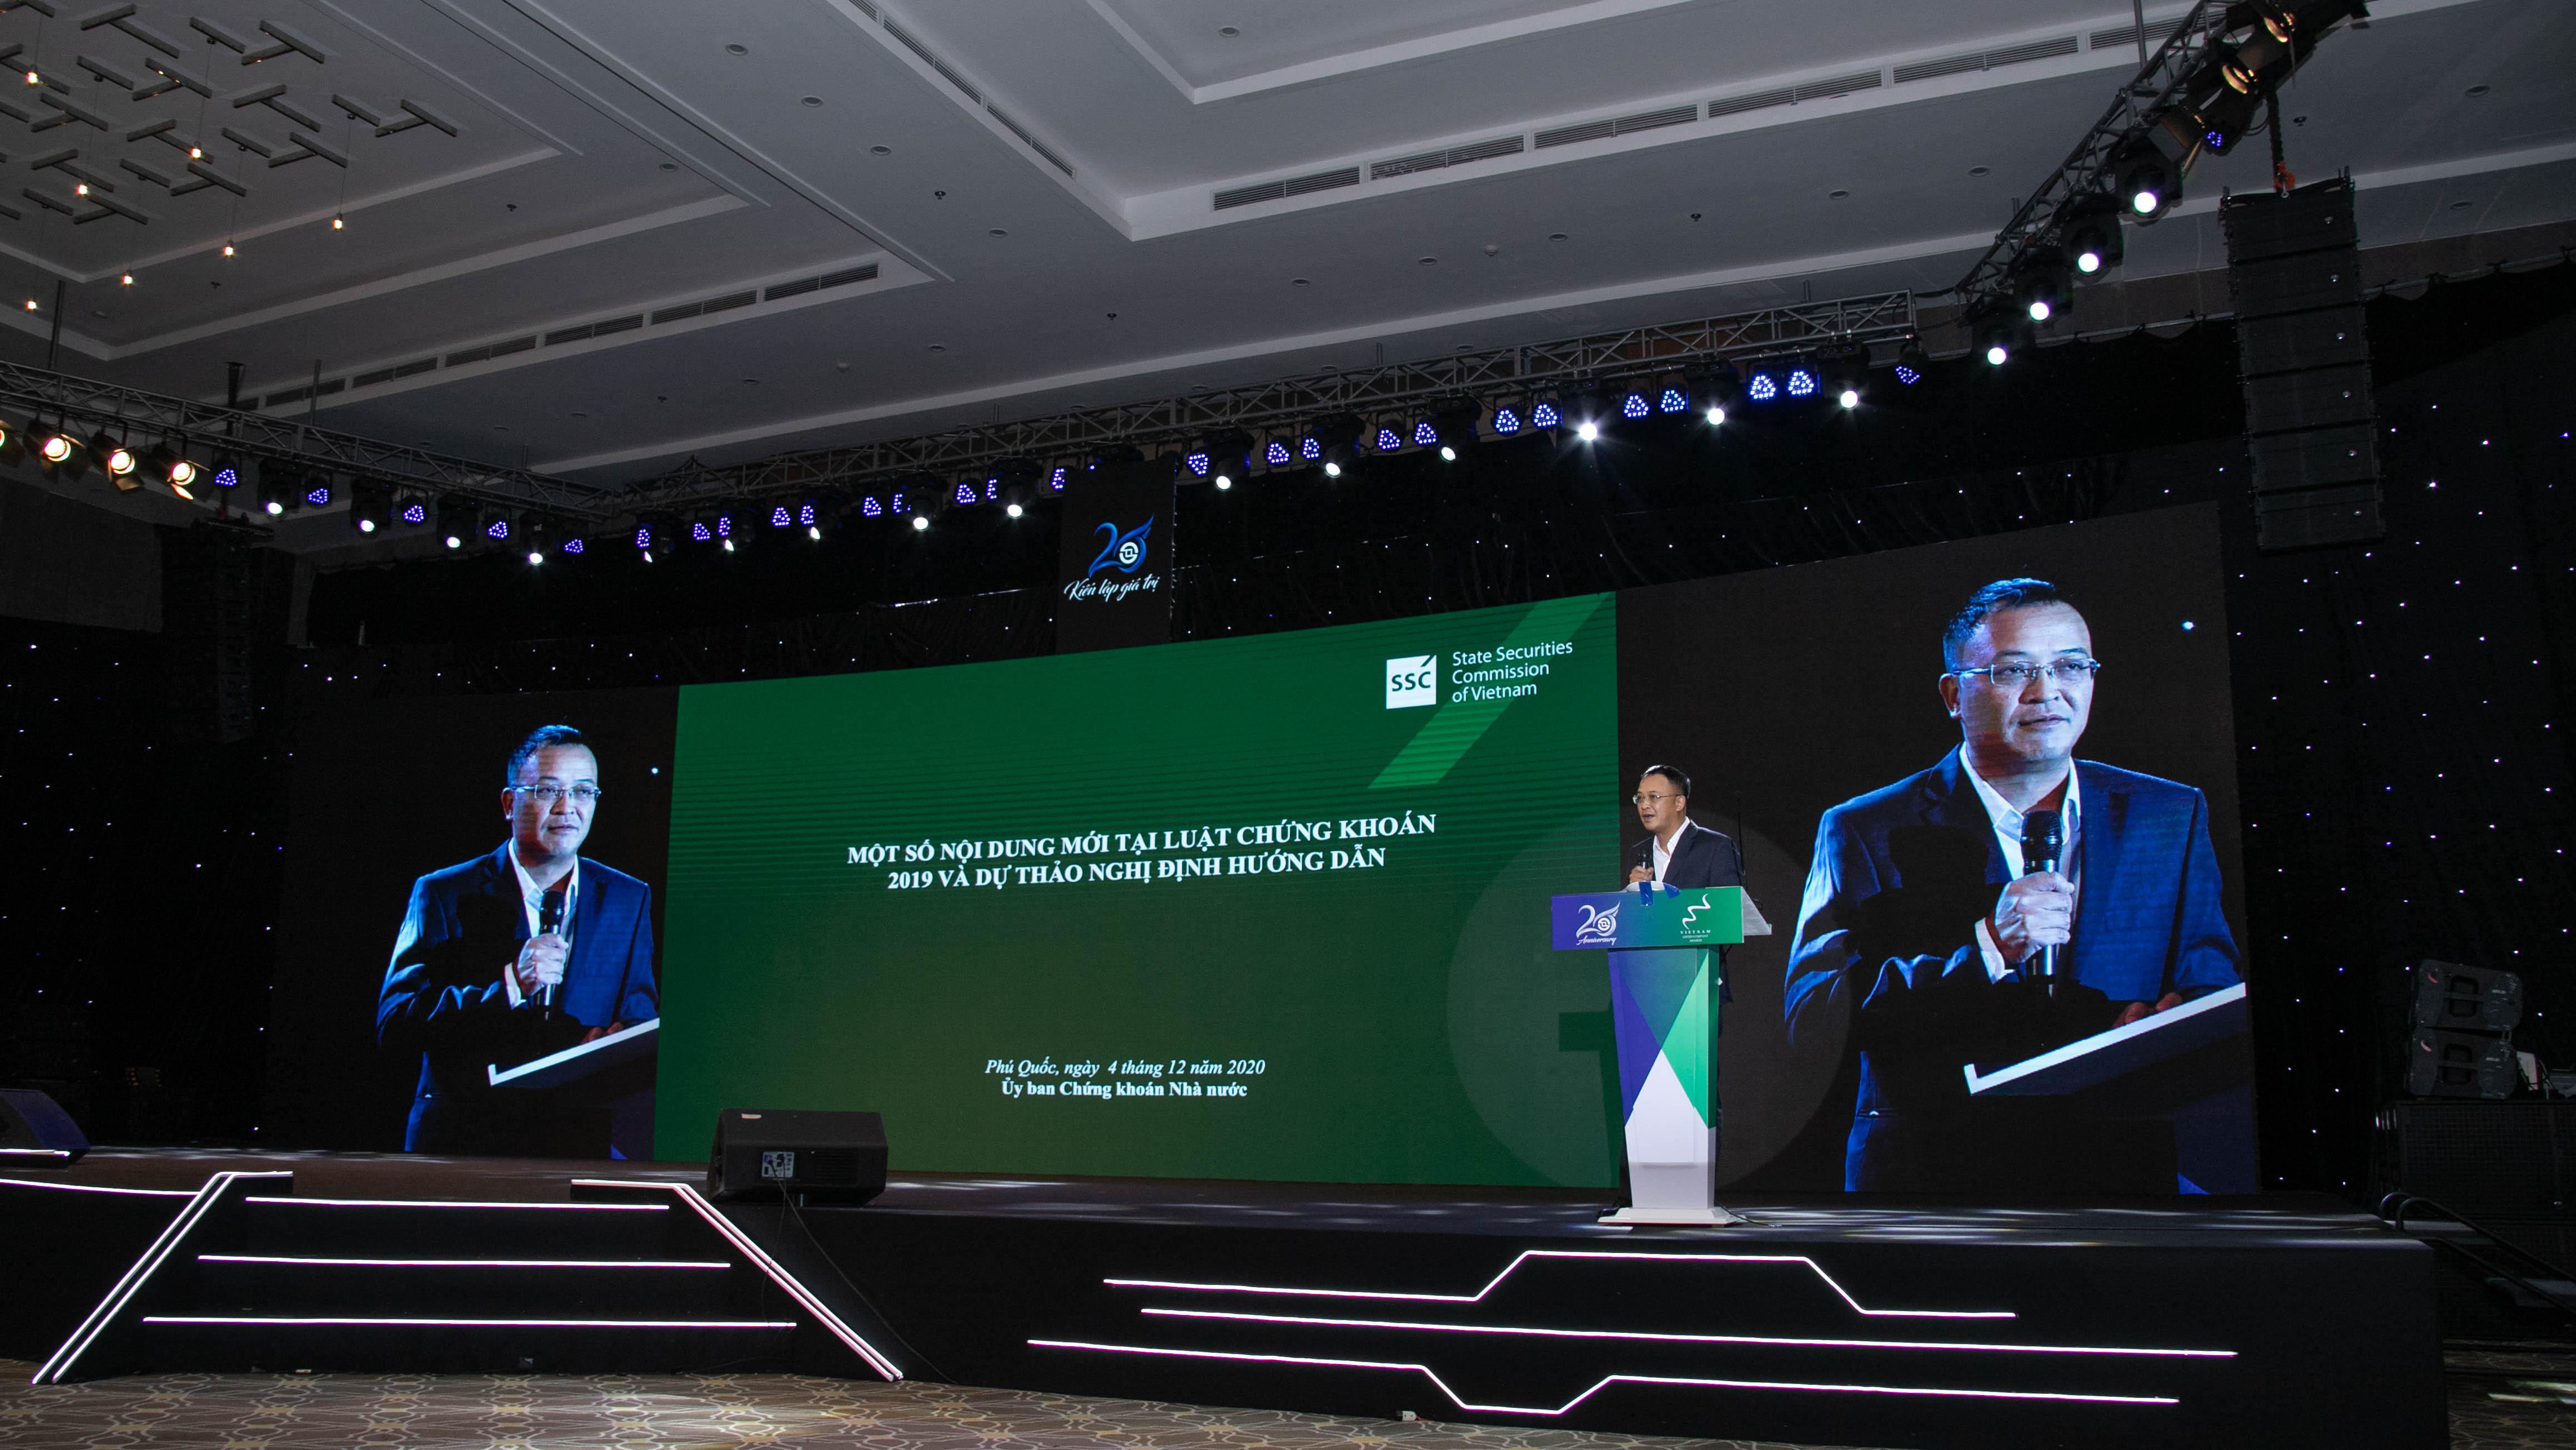 https://www.aravietnam.vn/wp-content/uploads/2020/12/IMG_8558.jpg